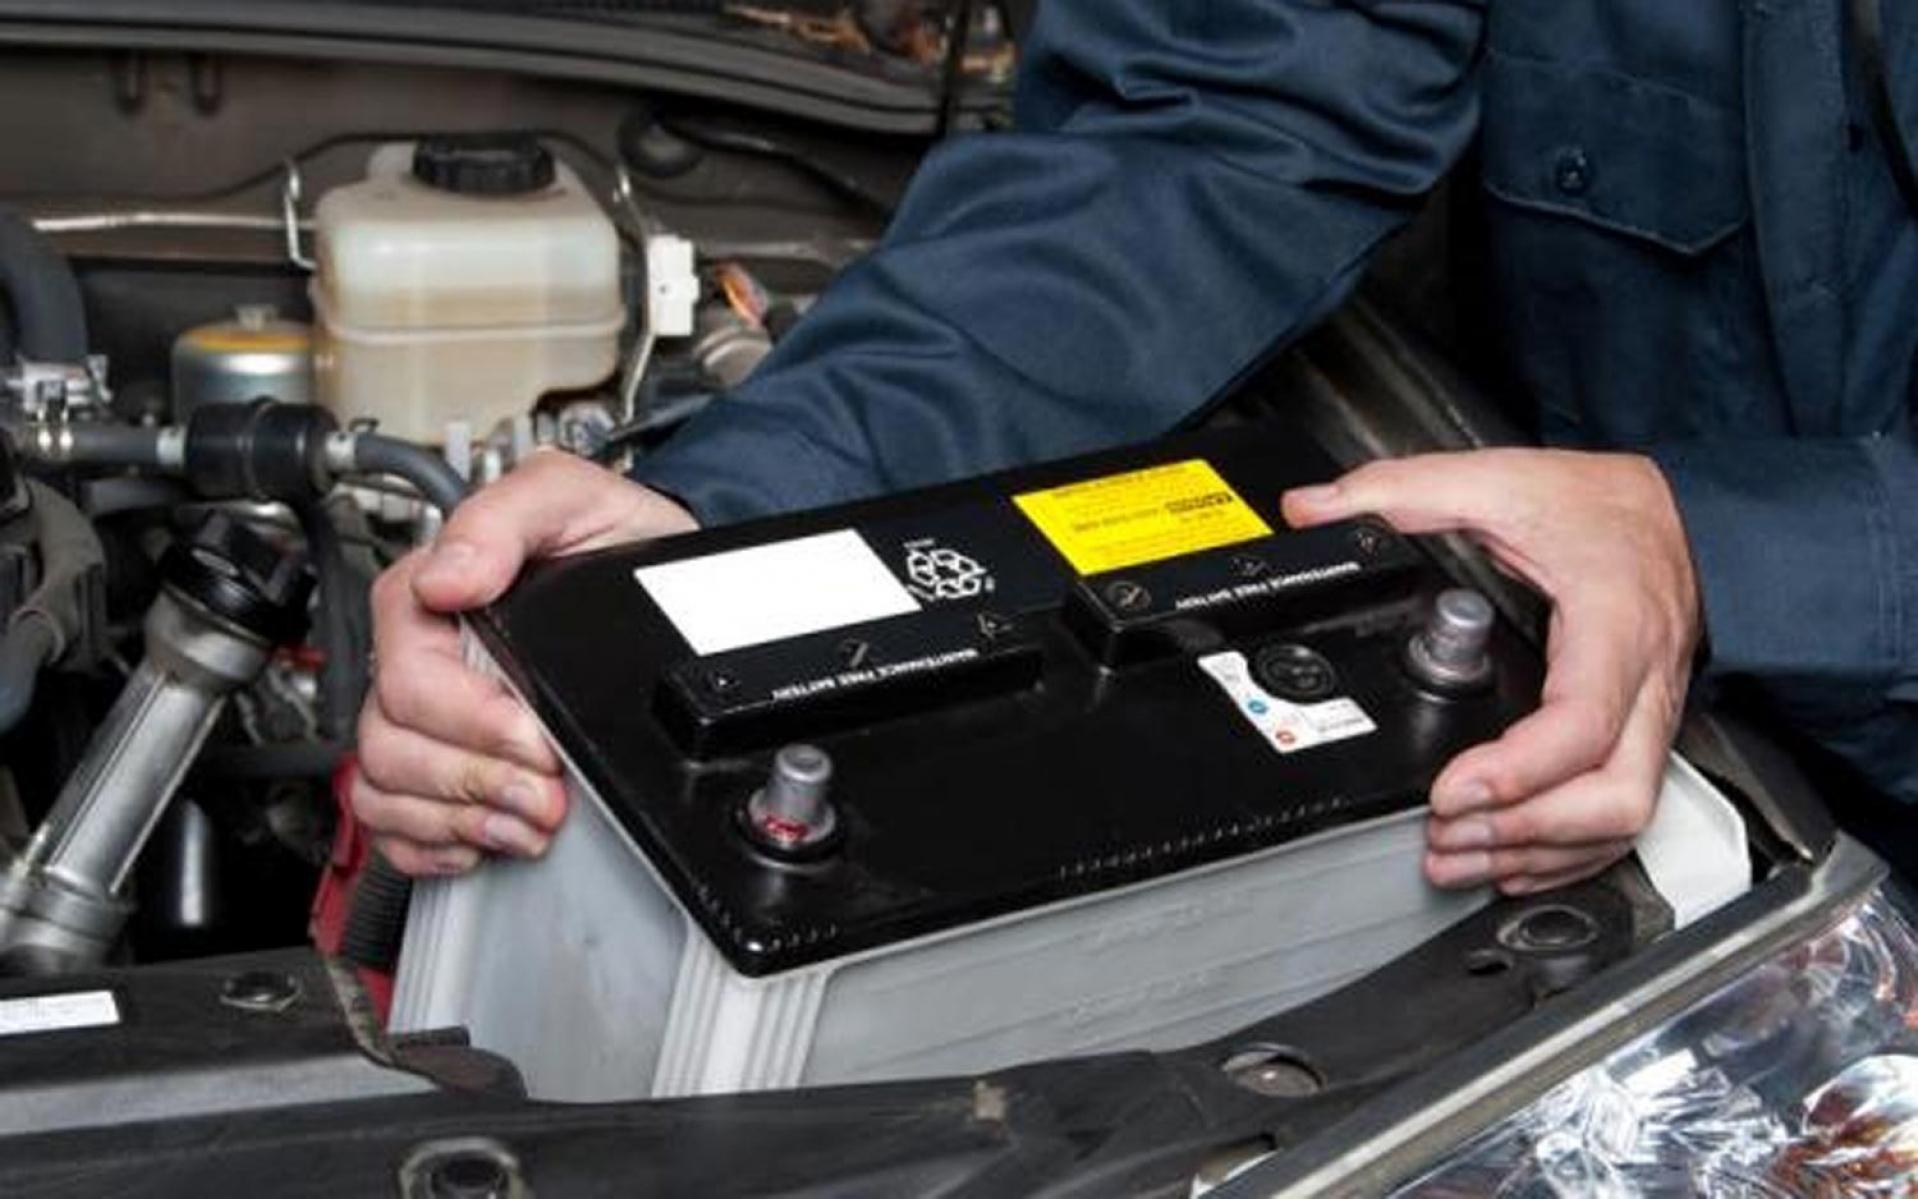 Baterias de Autos, Instalacion de baterias a Domicilio » Cotiza precios  venta Autos Nuevos 2021 Chile | Autosonline.cl